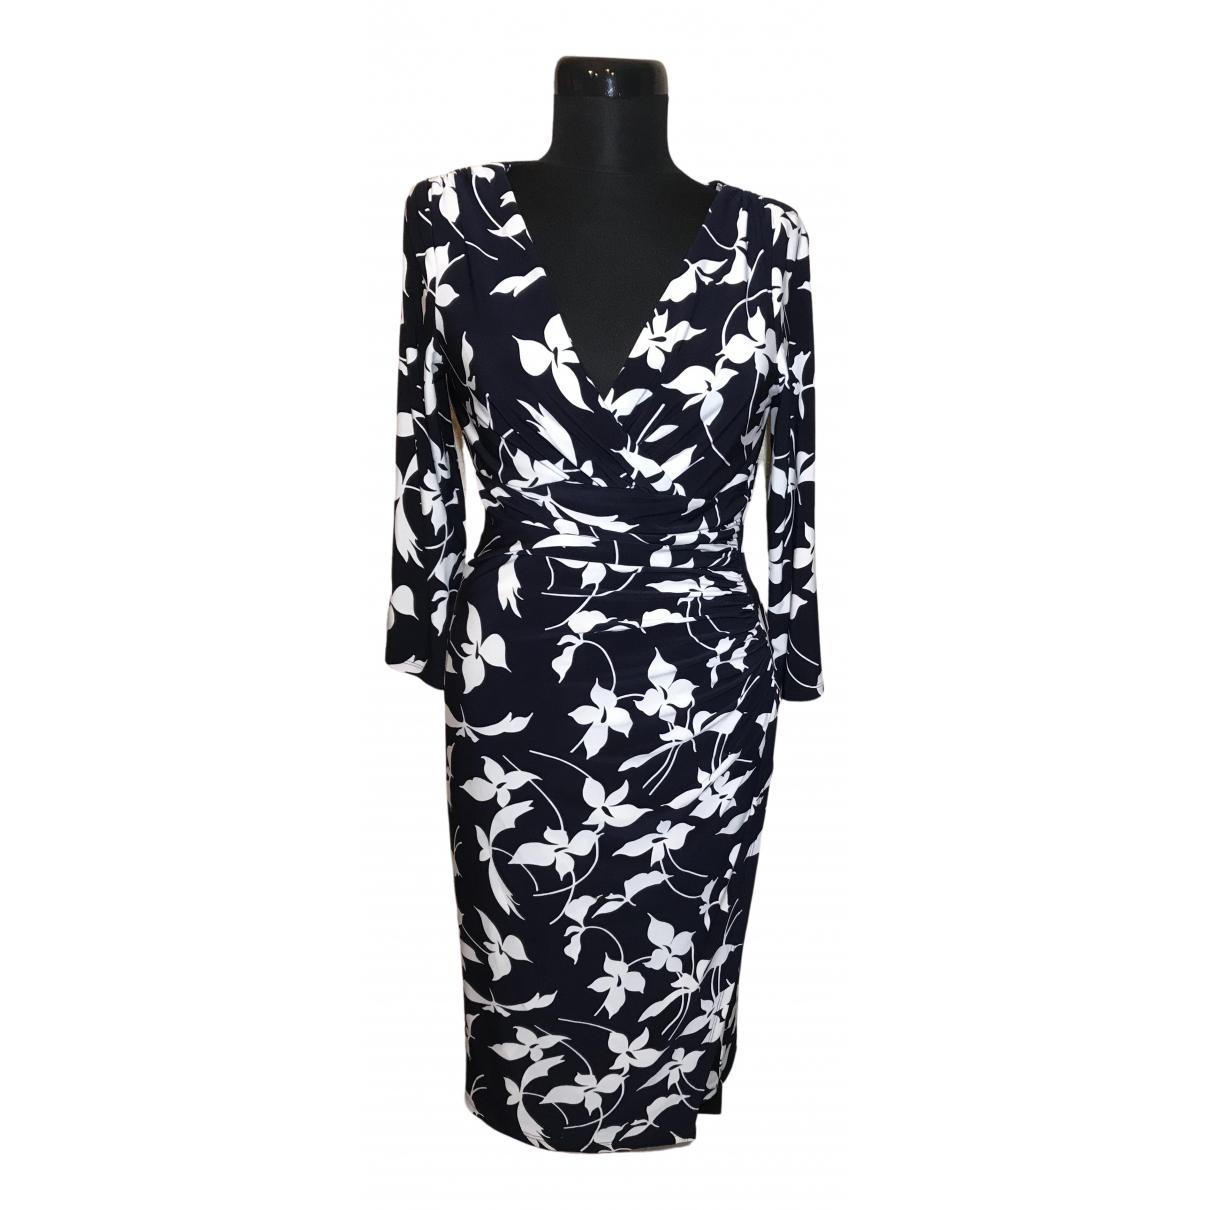 Lauren Ralph Lauren N Navy dress for Women 4 US